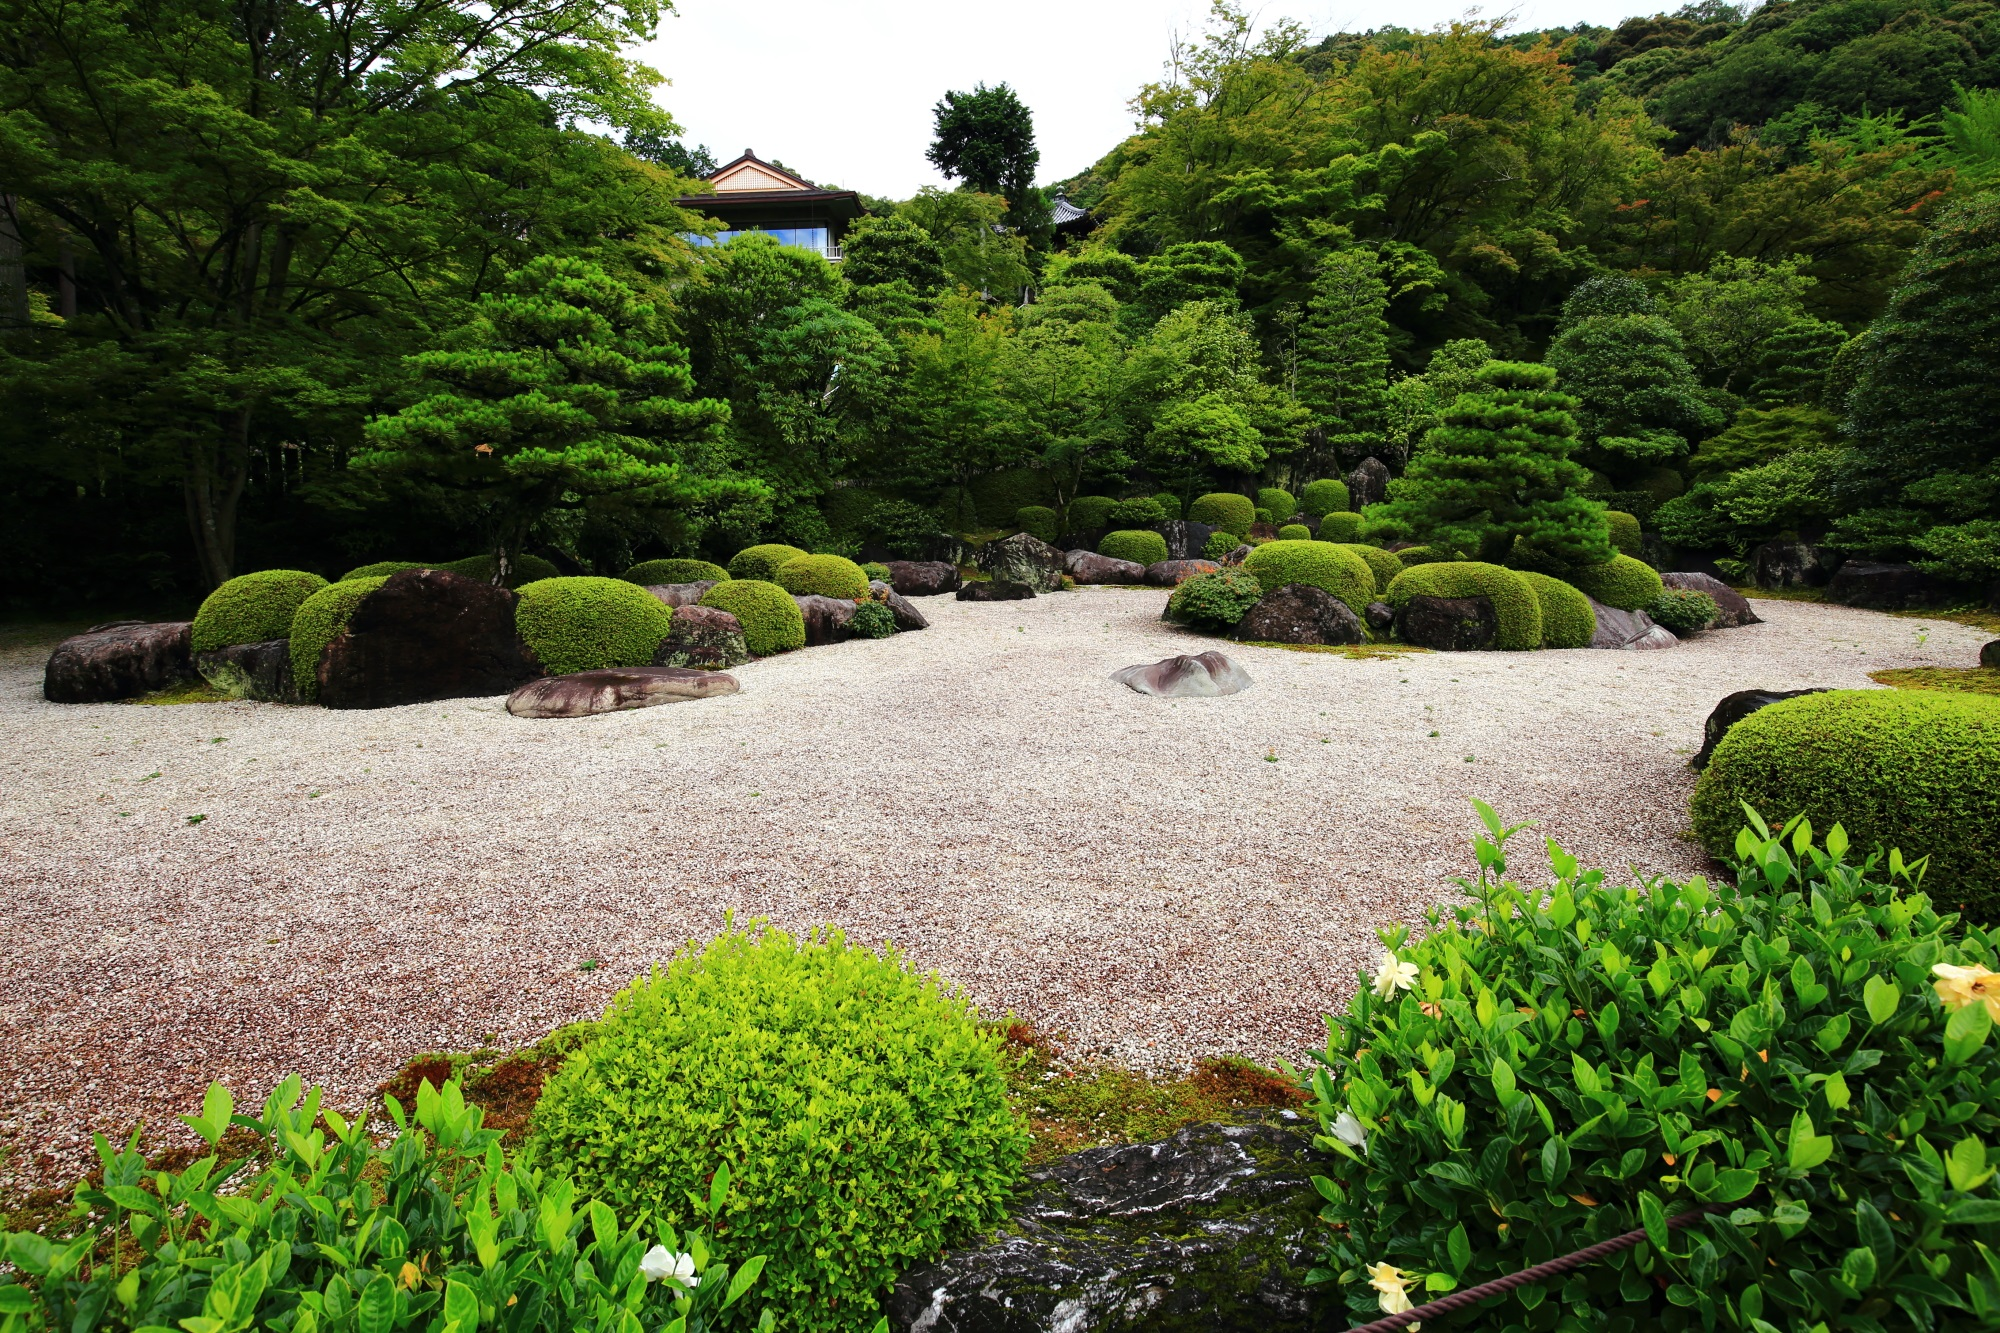 三室戸寺の白砂を刈り込みや岩が囲んだ枯山水庭園